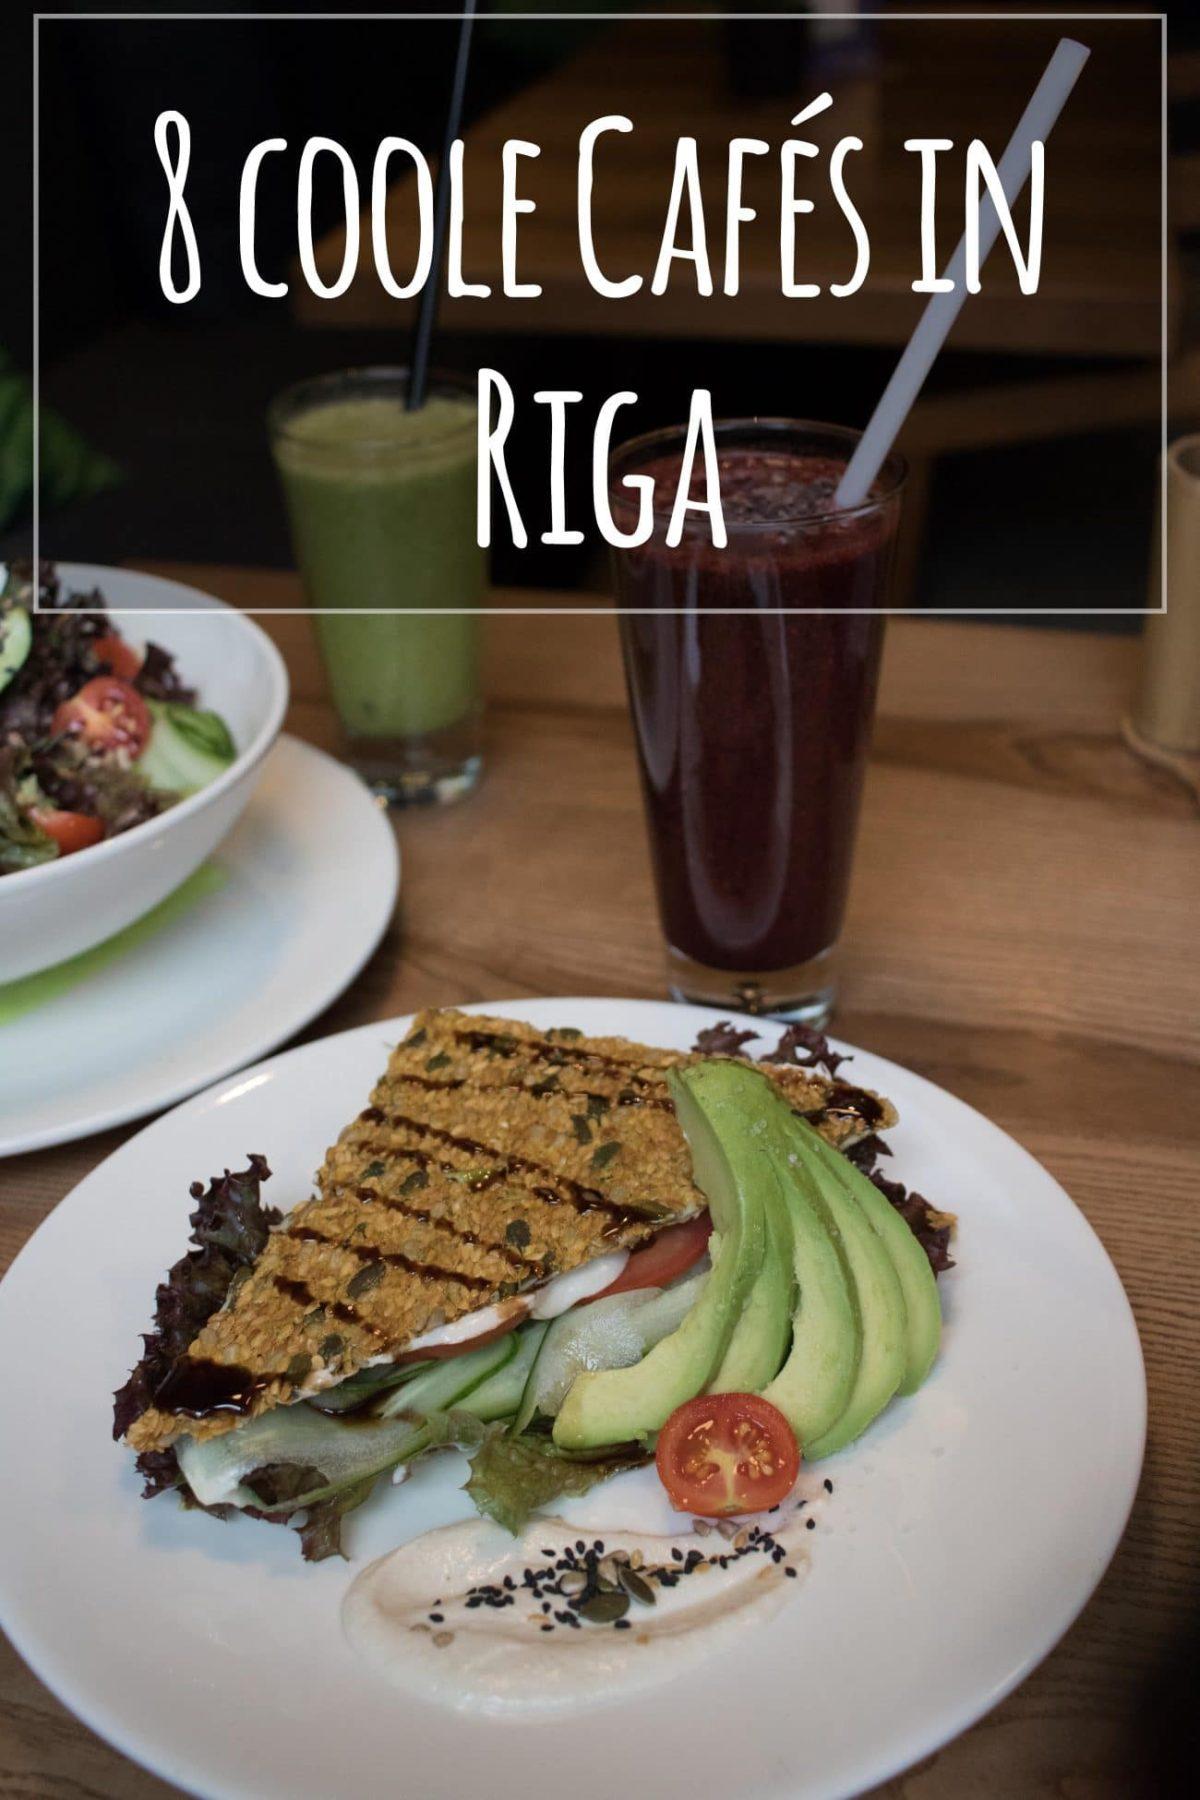 8 Coole Cafes in Riga die auch für Vegetarier taugen von PASSENGER X8 Coole Cafes in Riga die auch für Vegetarier taugen von PASSENGER X